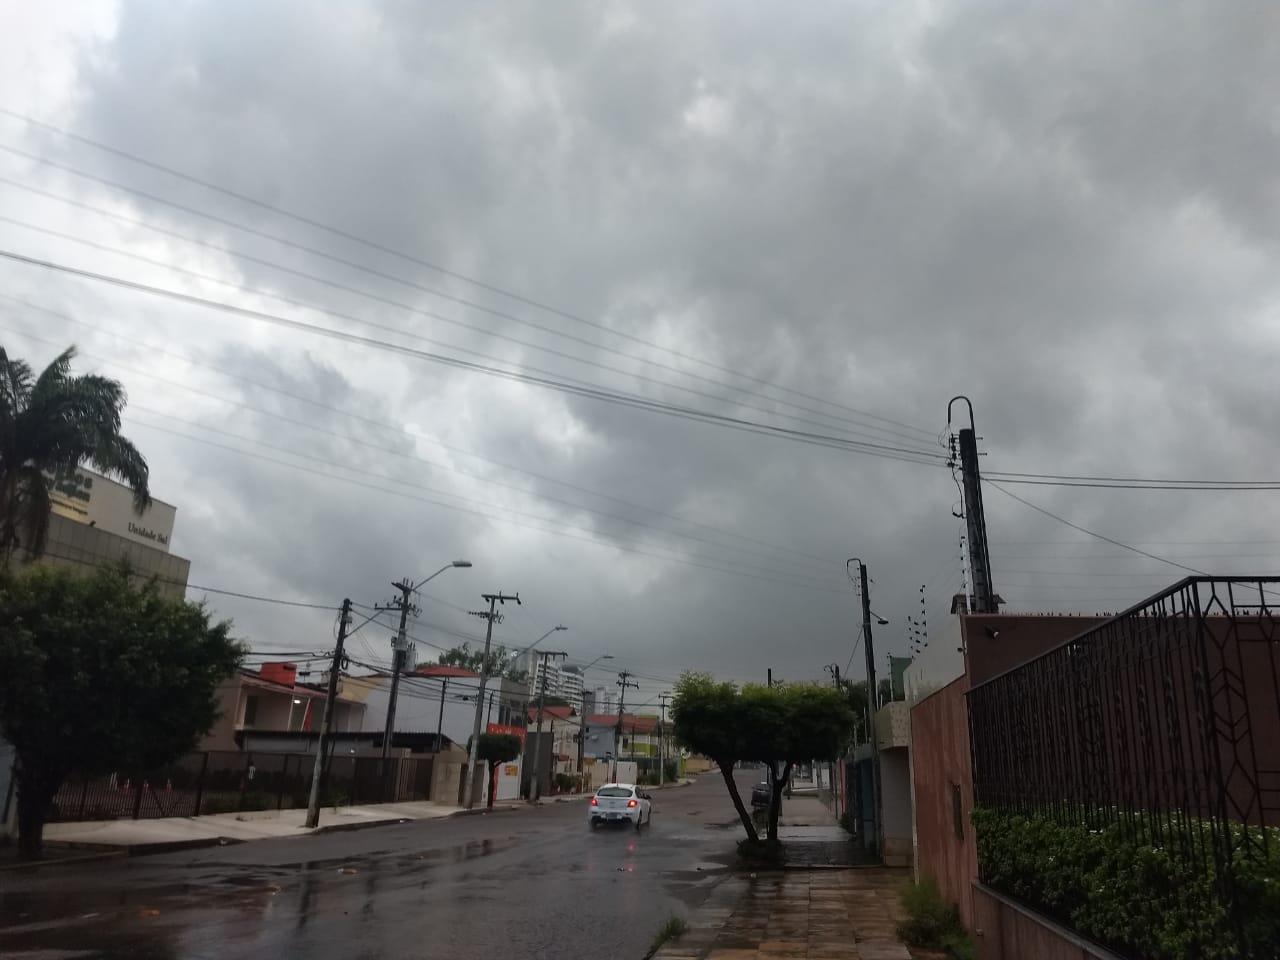 Em Fortaleza, chuvas são registradas desde o início da manhã (FOTO: Felipe Lima)